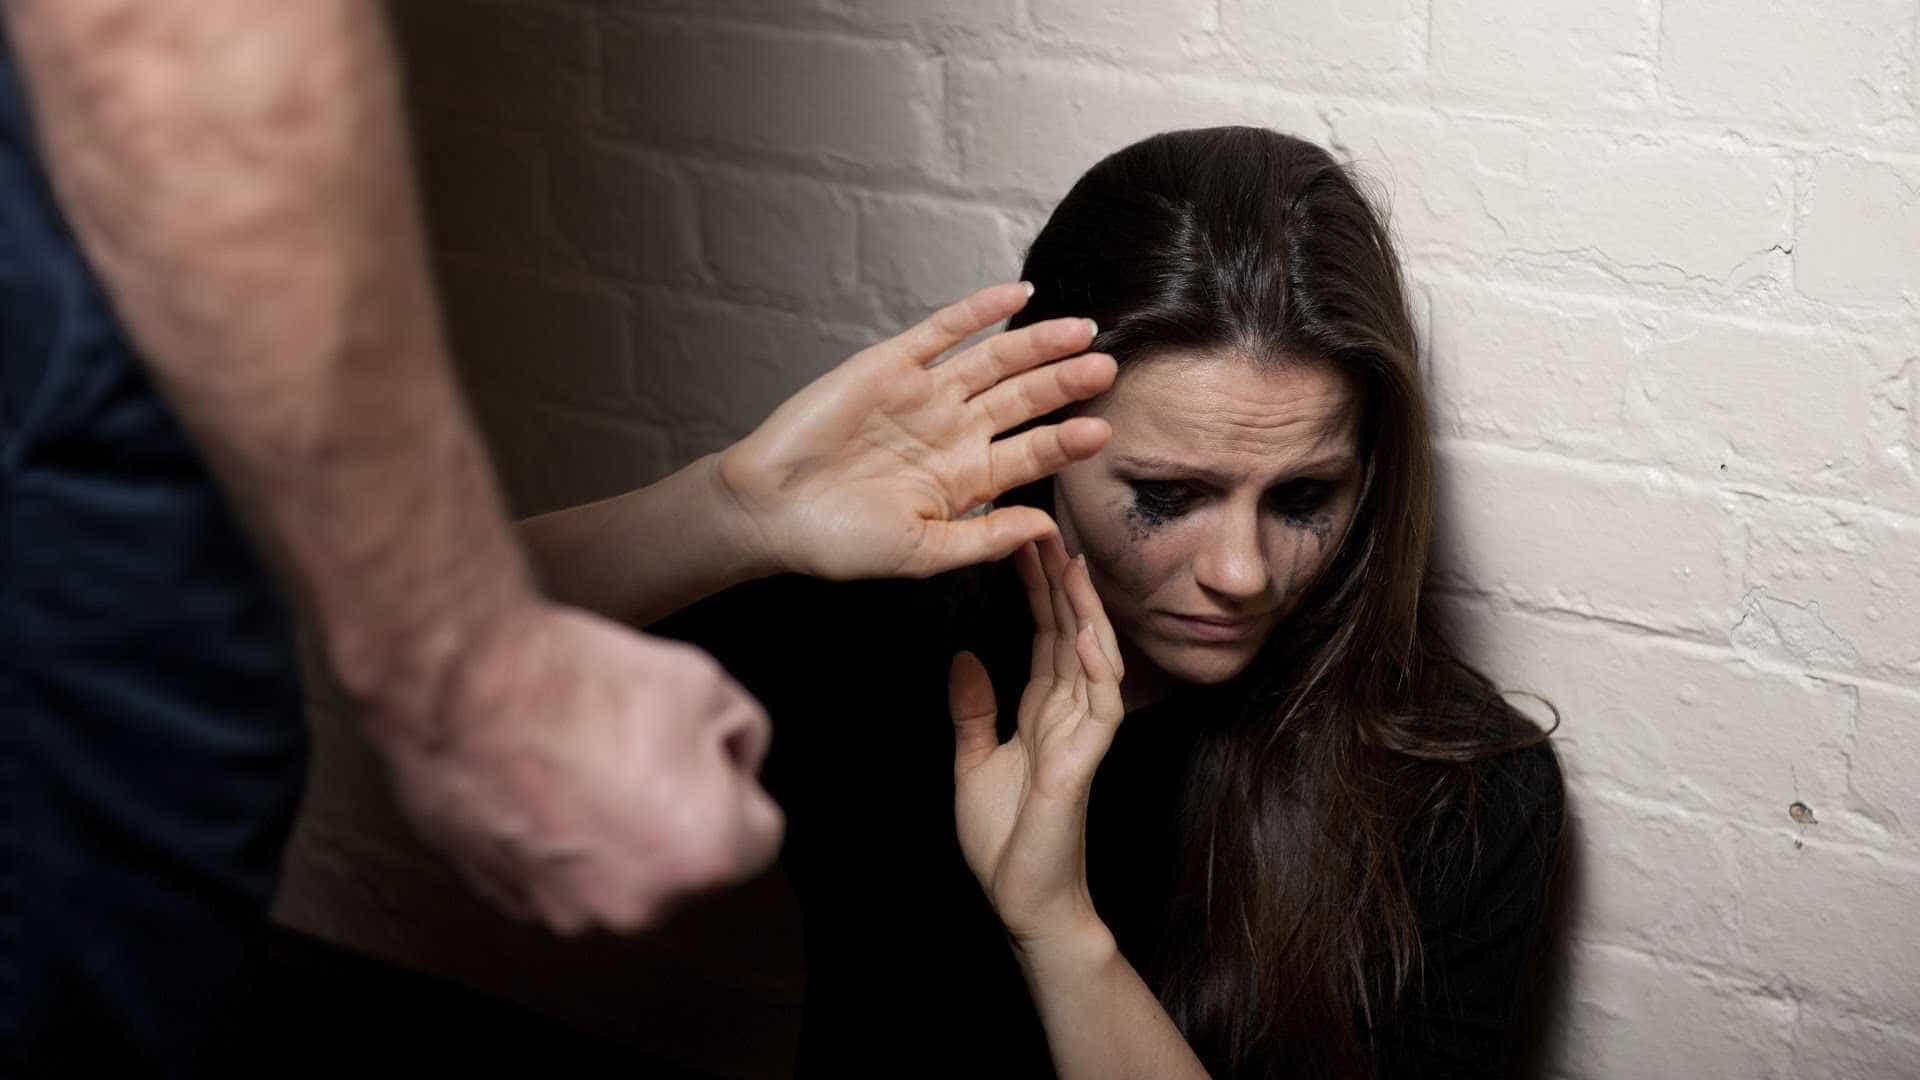 19 coisas que as mulheres evitam fazer por temerem pela segurança